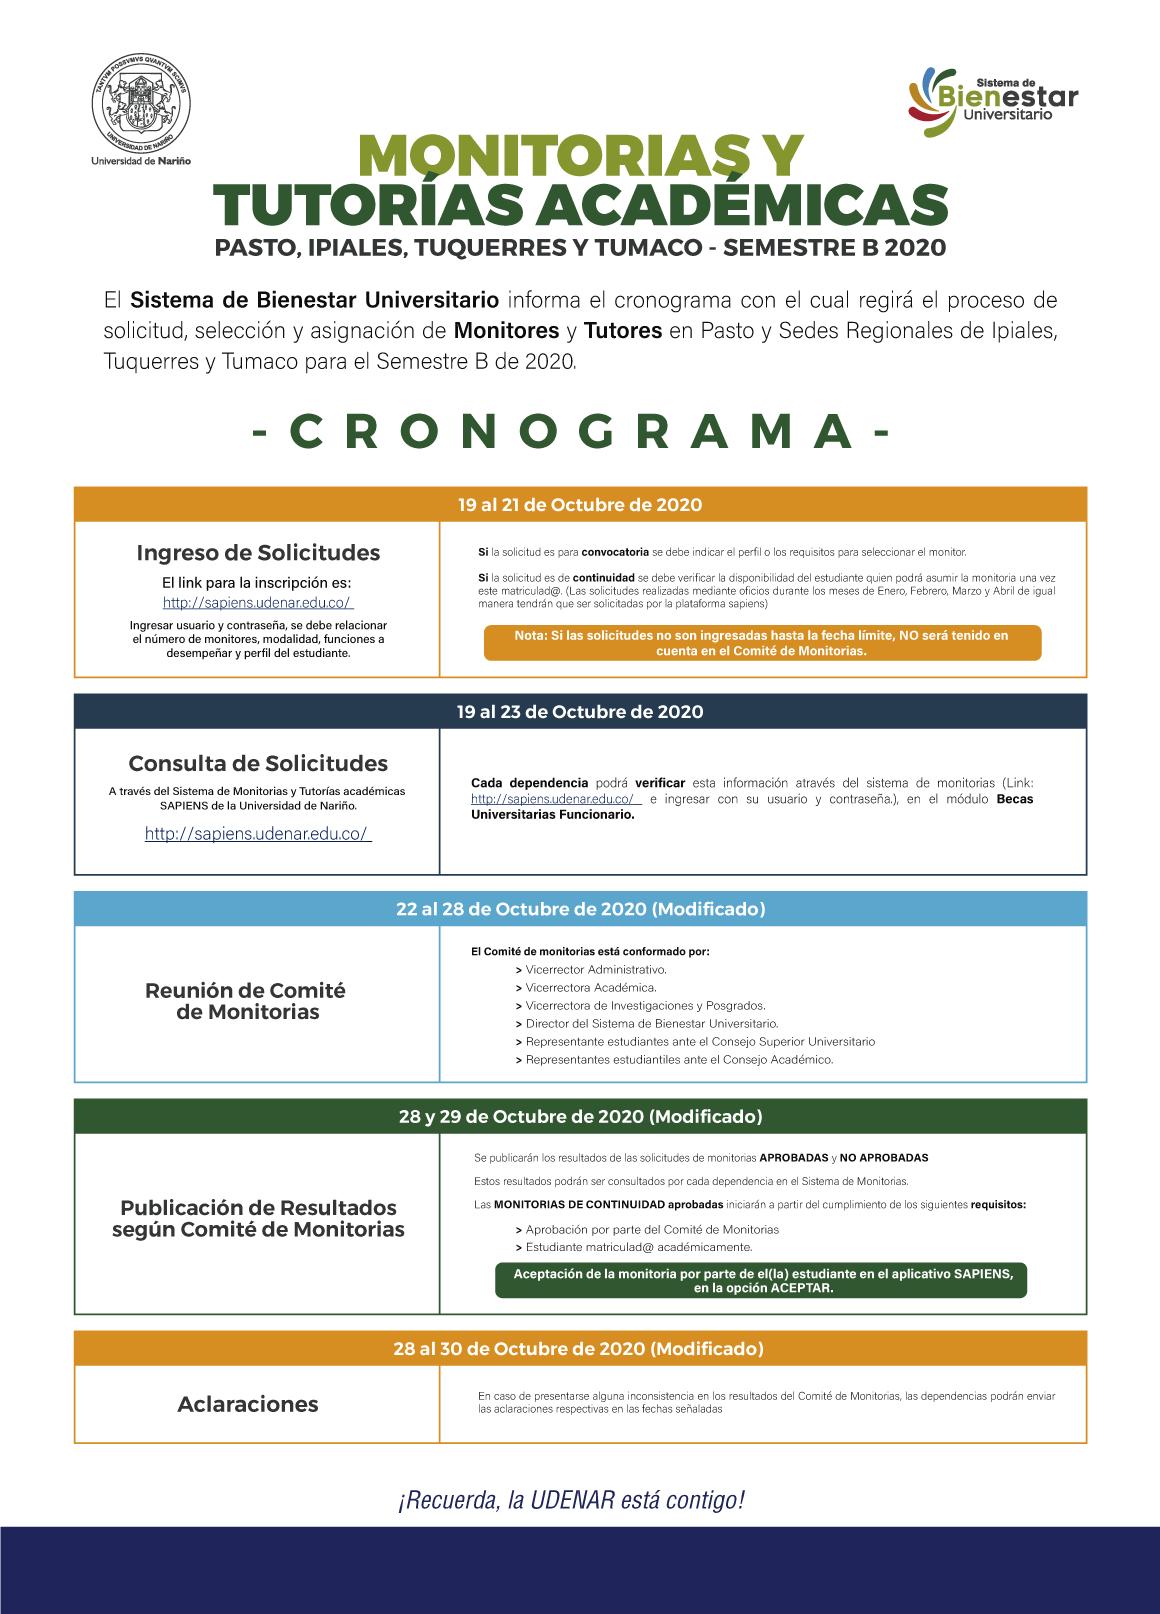 1-CRONOGRAMA-MONITORIAS-Y-TUTORIAS-B-2020-MOD